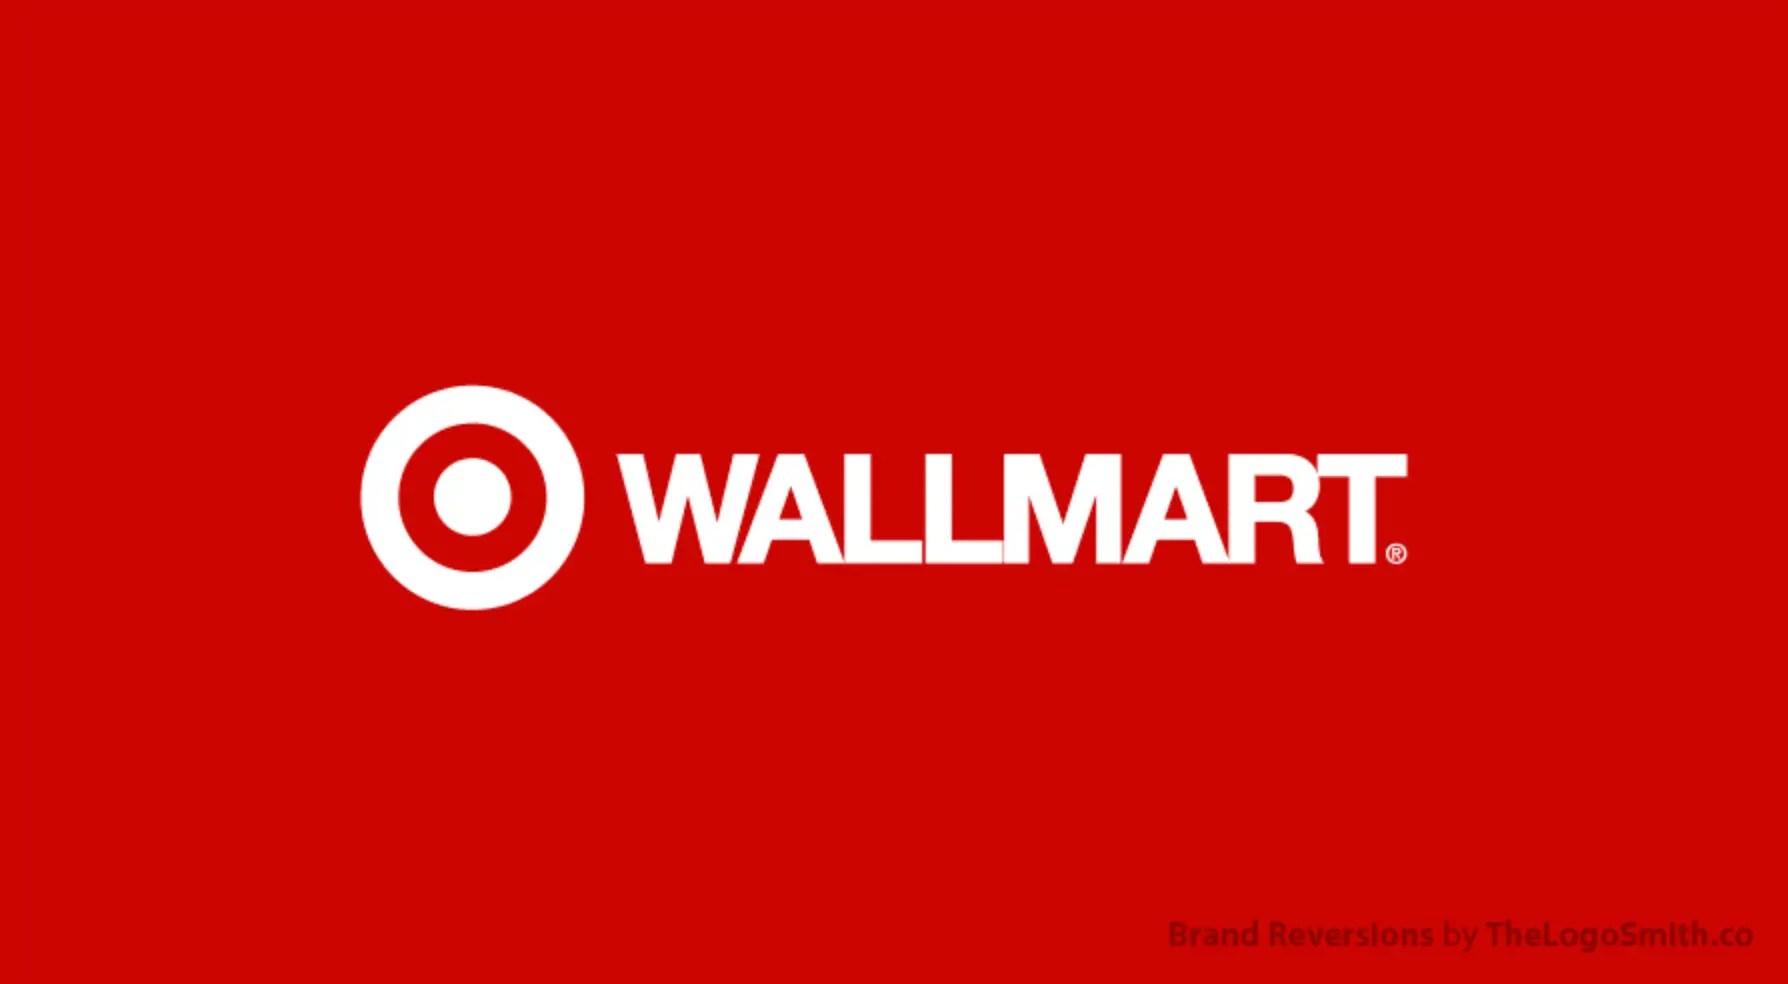 wersm-brand-reversioning-target-wallmart